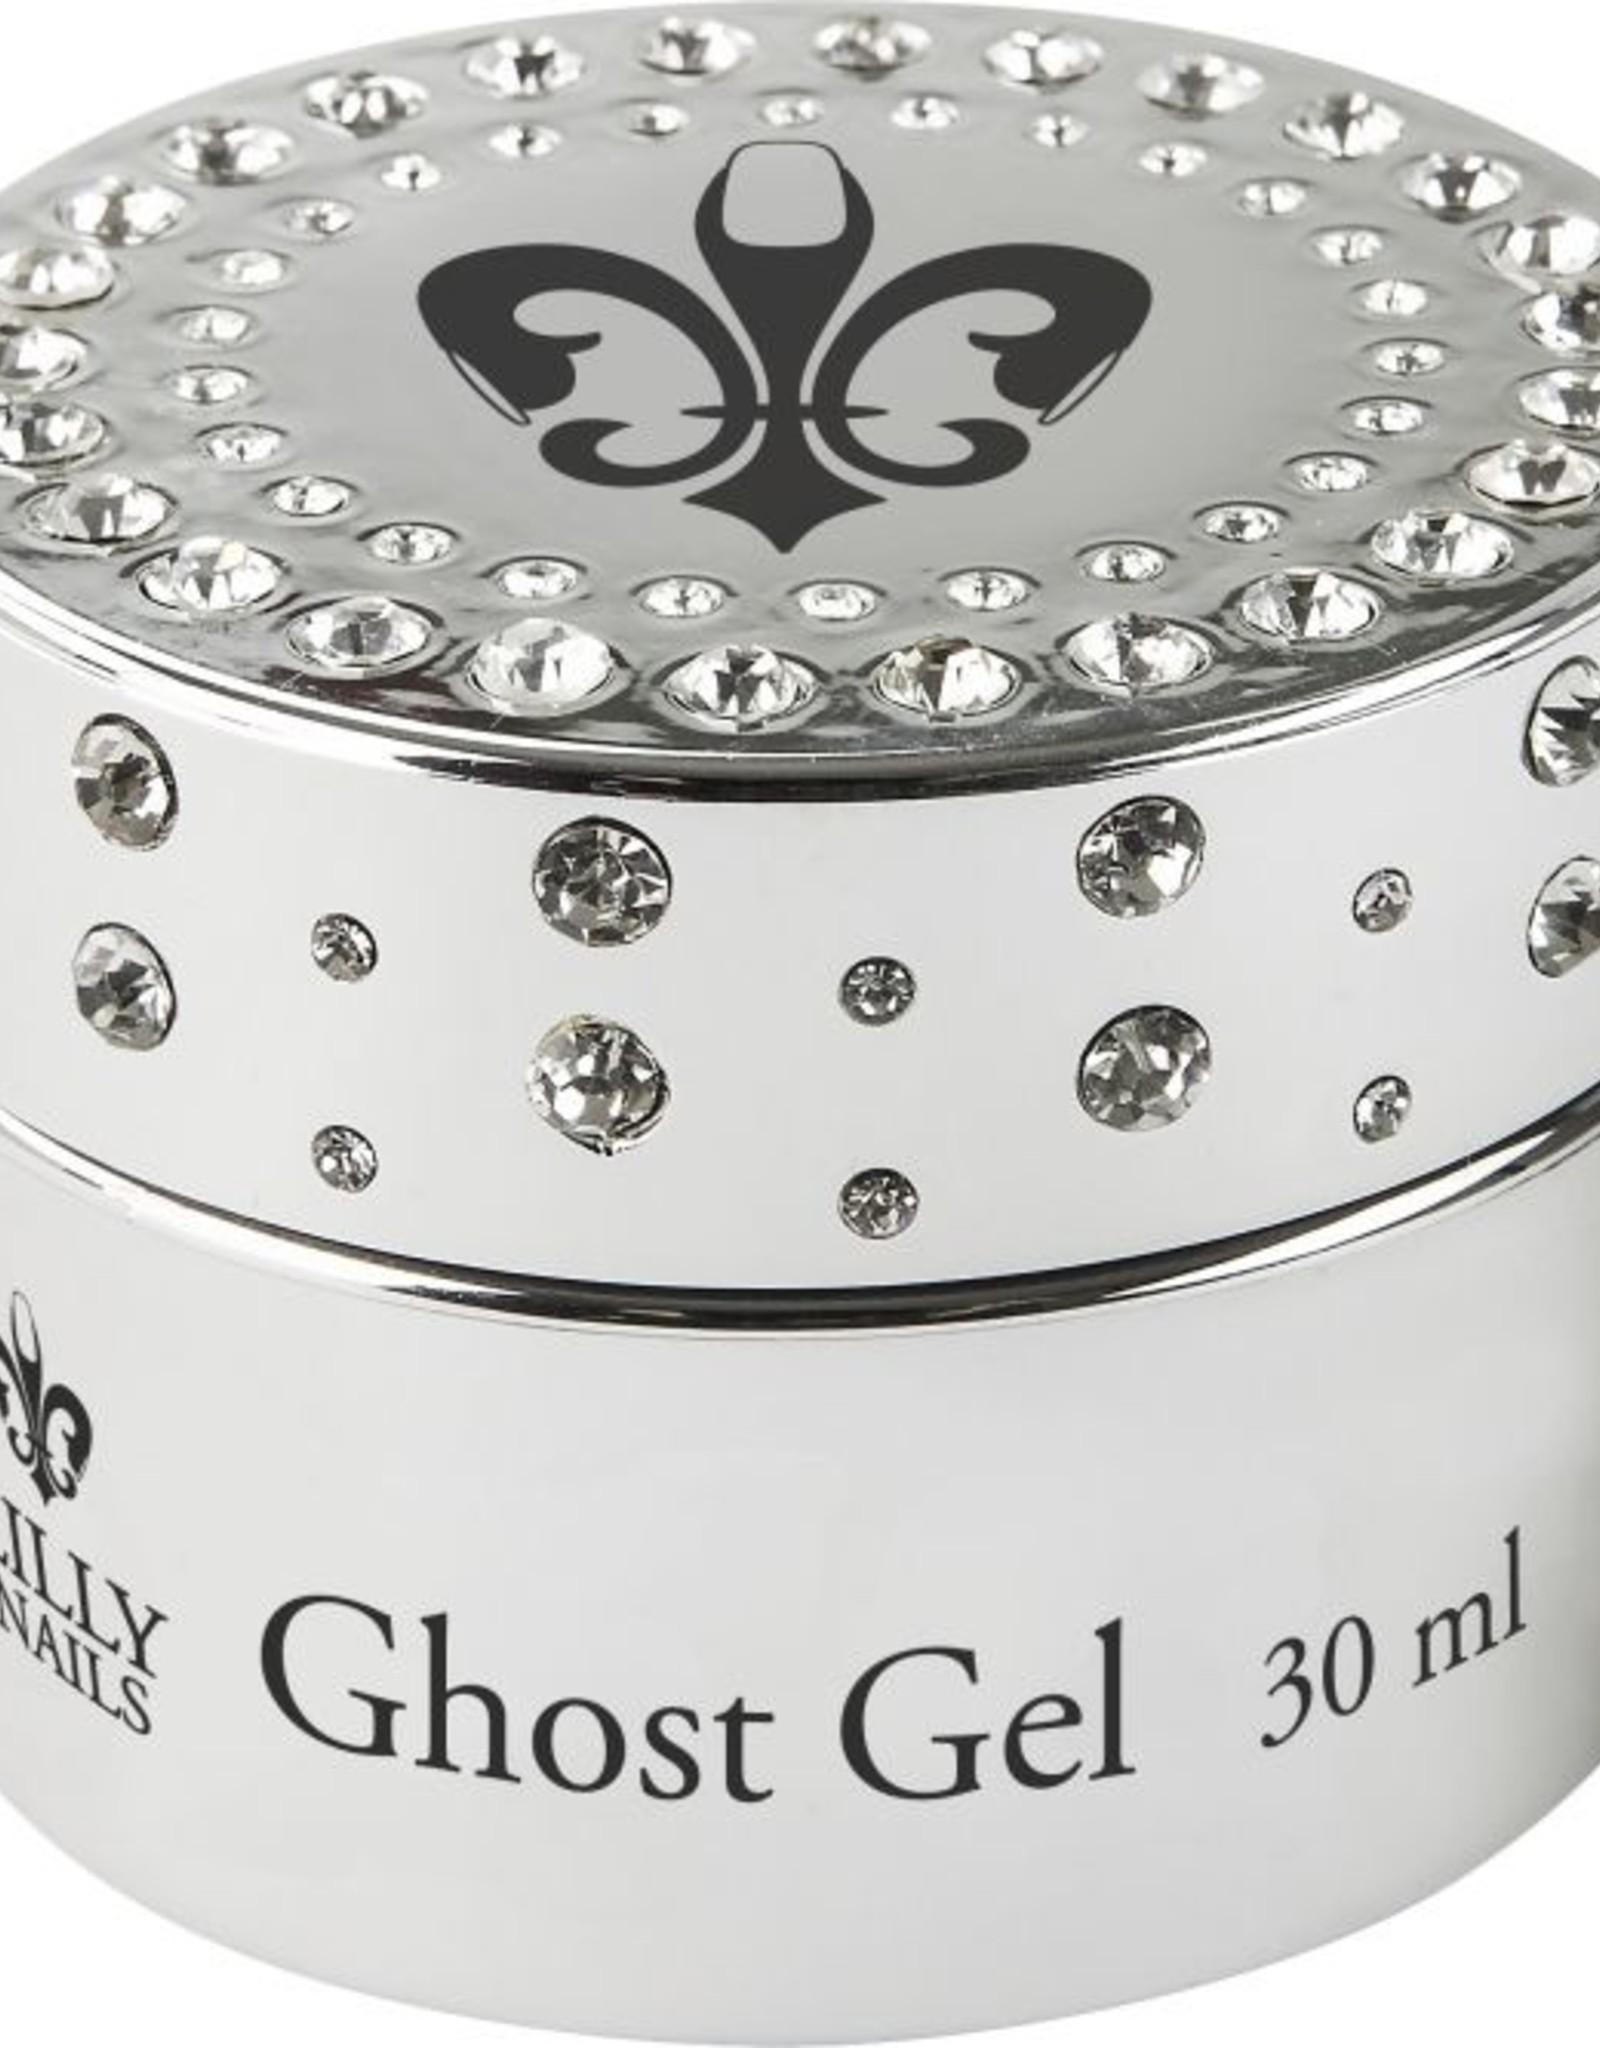 Ghost Gel